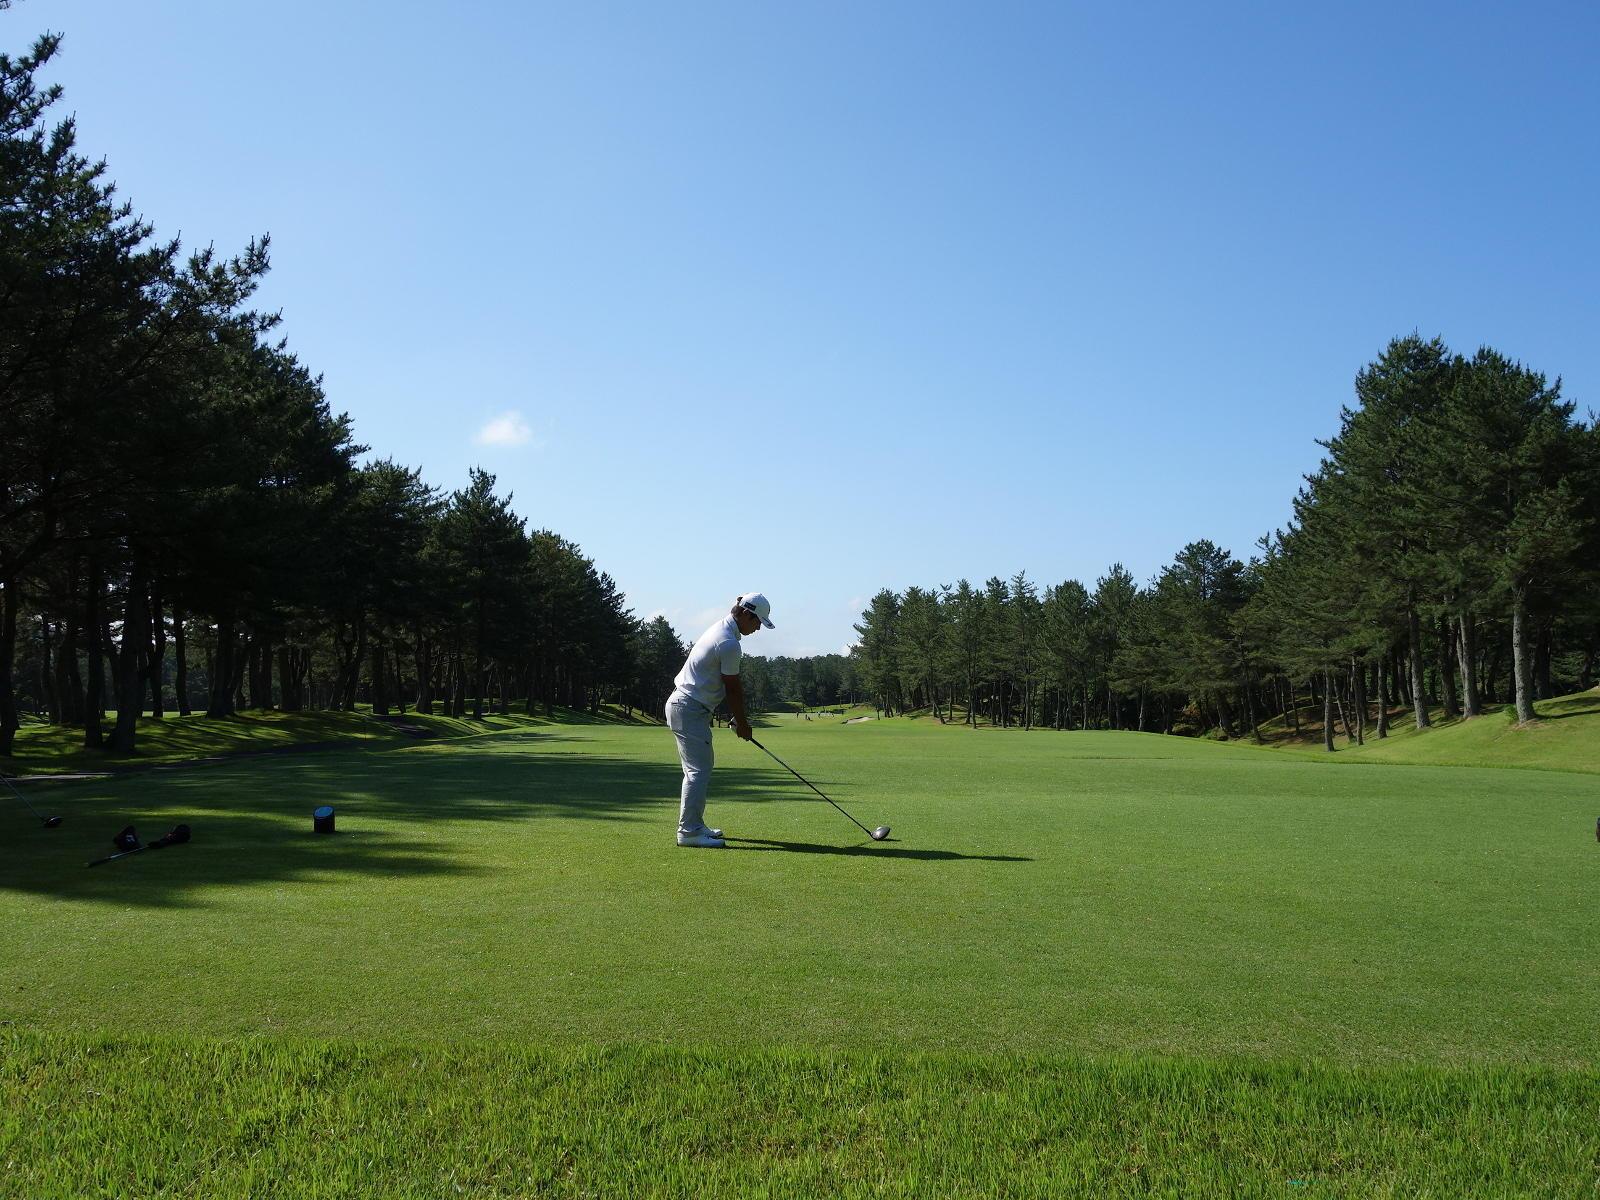 http://www.bs-golf.com/pro/8dbaca51f25a51a619205414a4ec2f7928ec976f.JPG